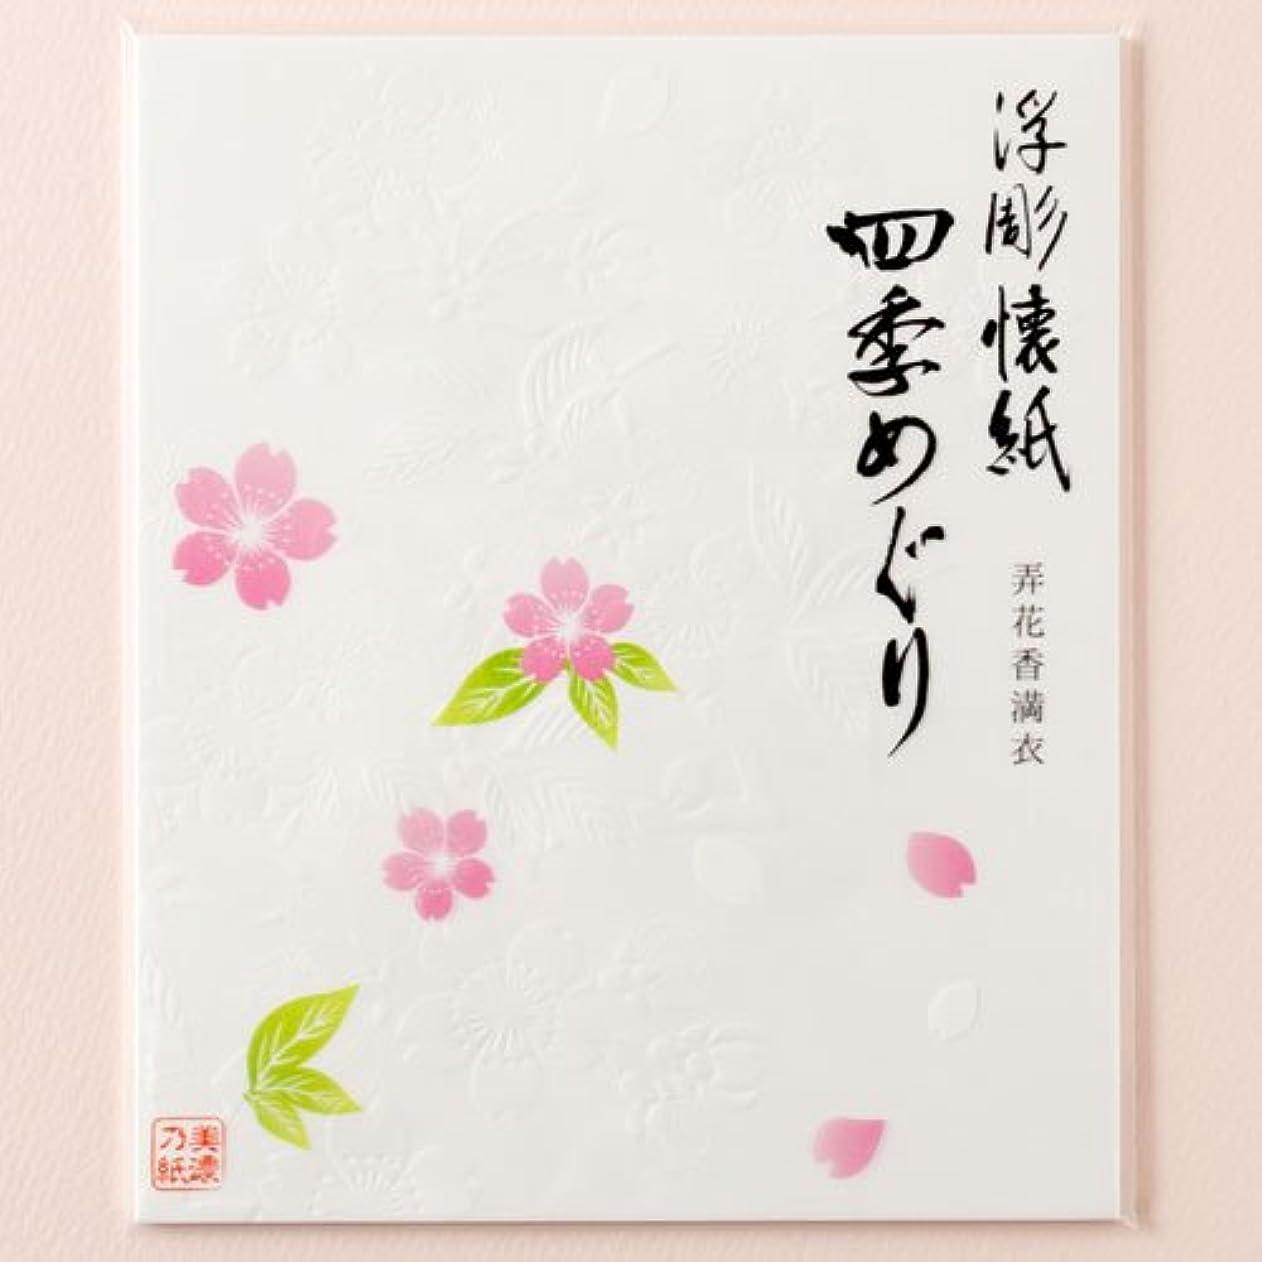 ジャングル非常に怒っていますあさり浮彫懐紙四季めぐり春?さくら30枚入り美濃和紙Relief kaishi, Mino washi